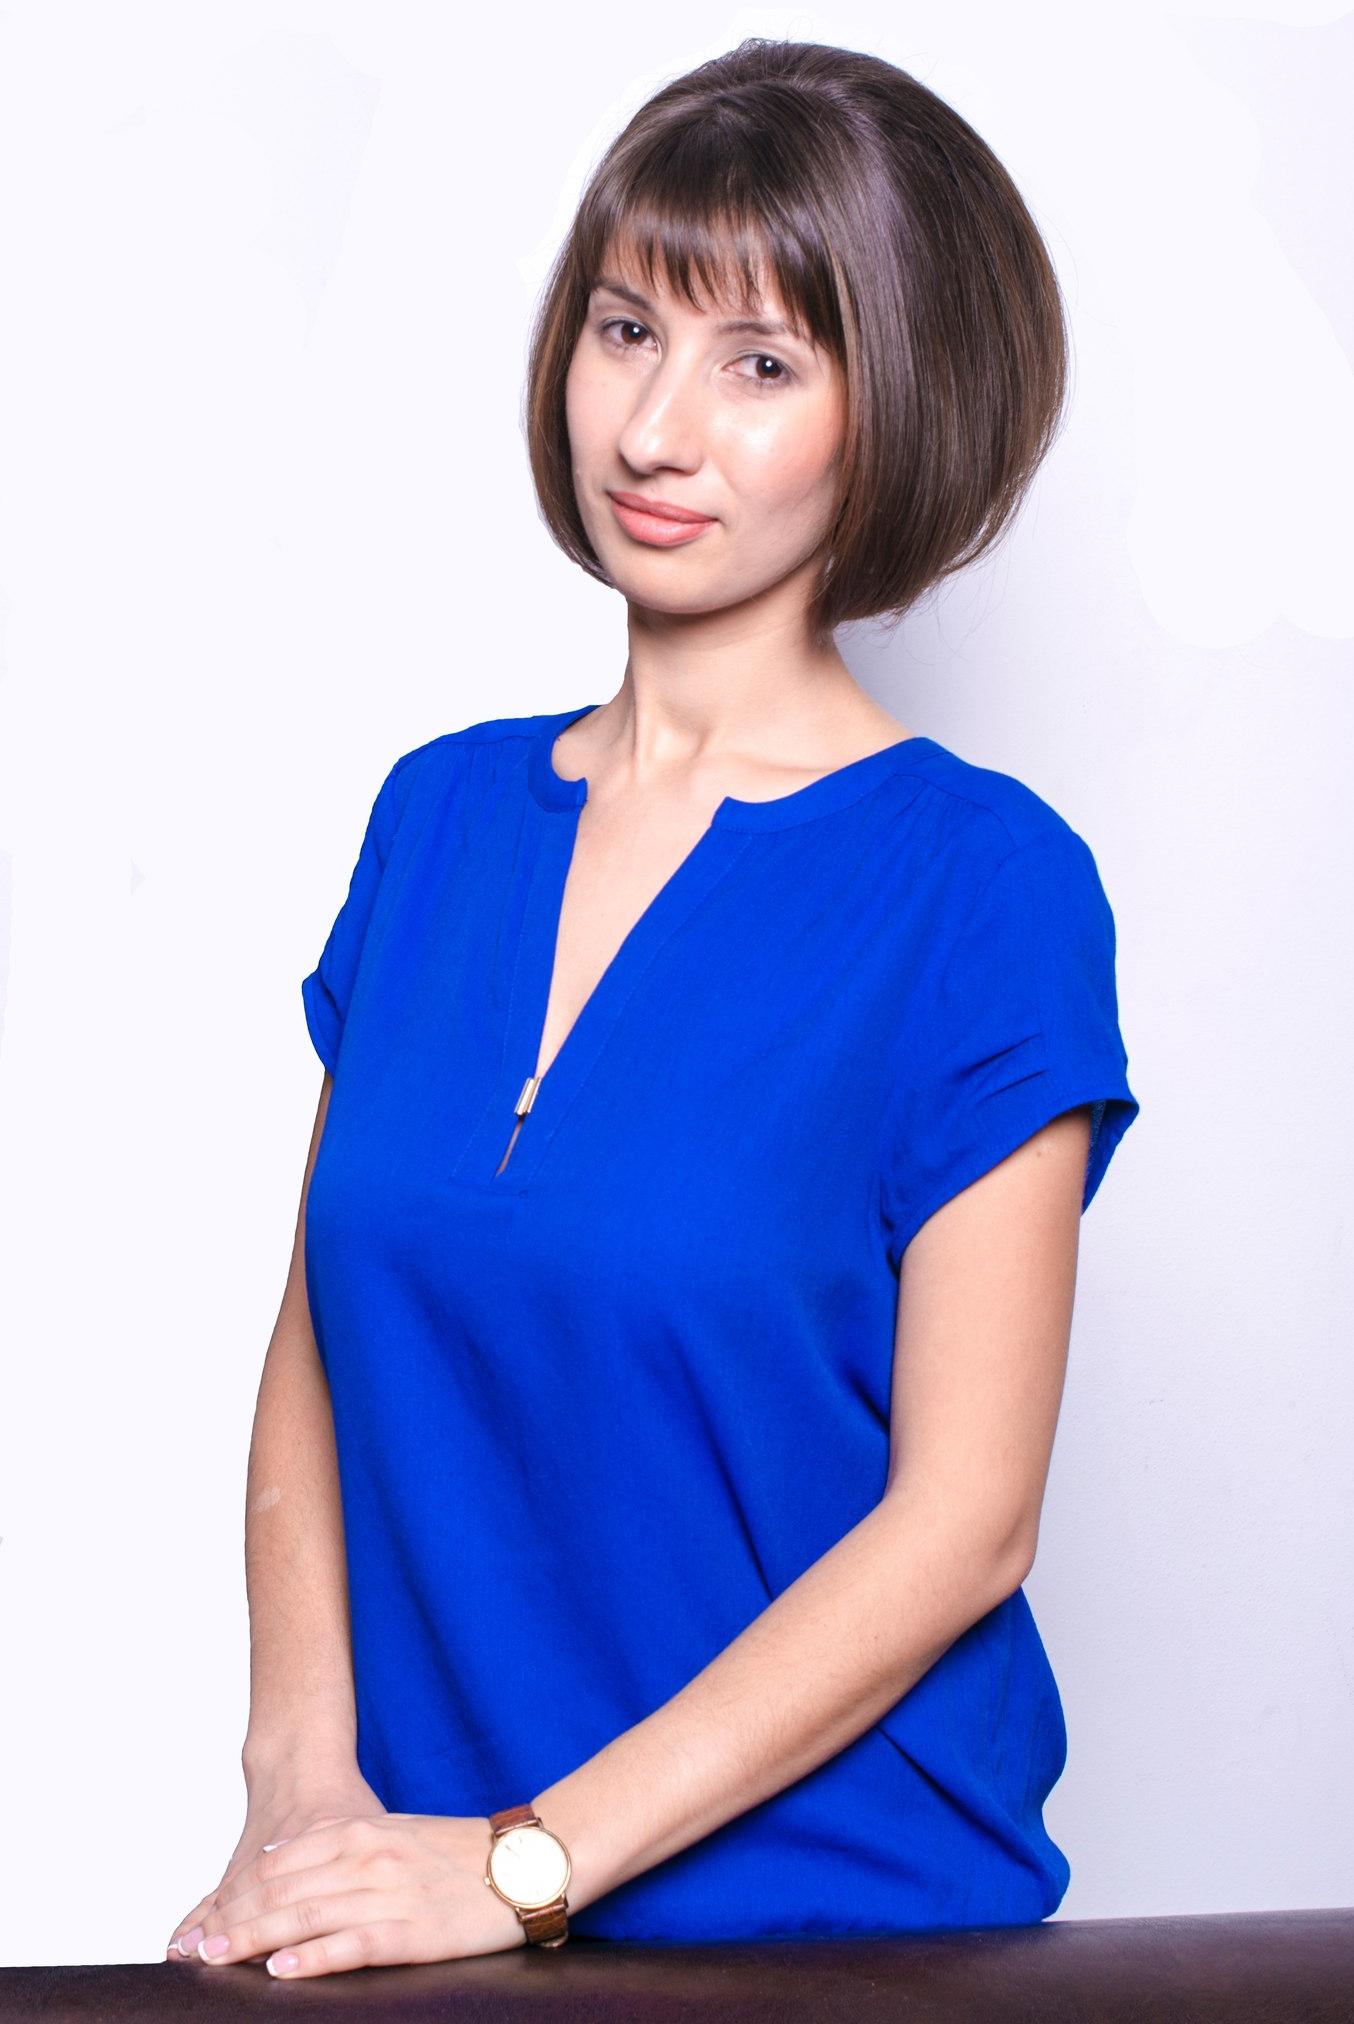 Гильфантинова Динара, психолог, руководитель психологического центра «Единство»